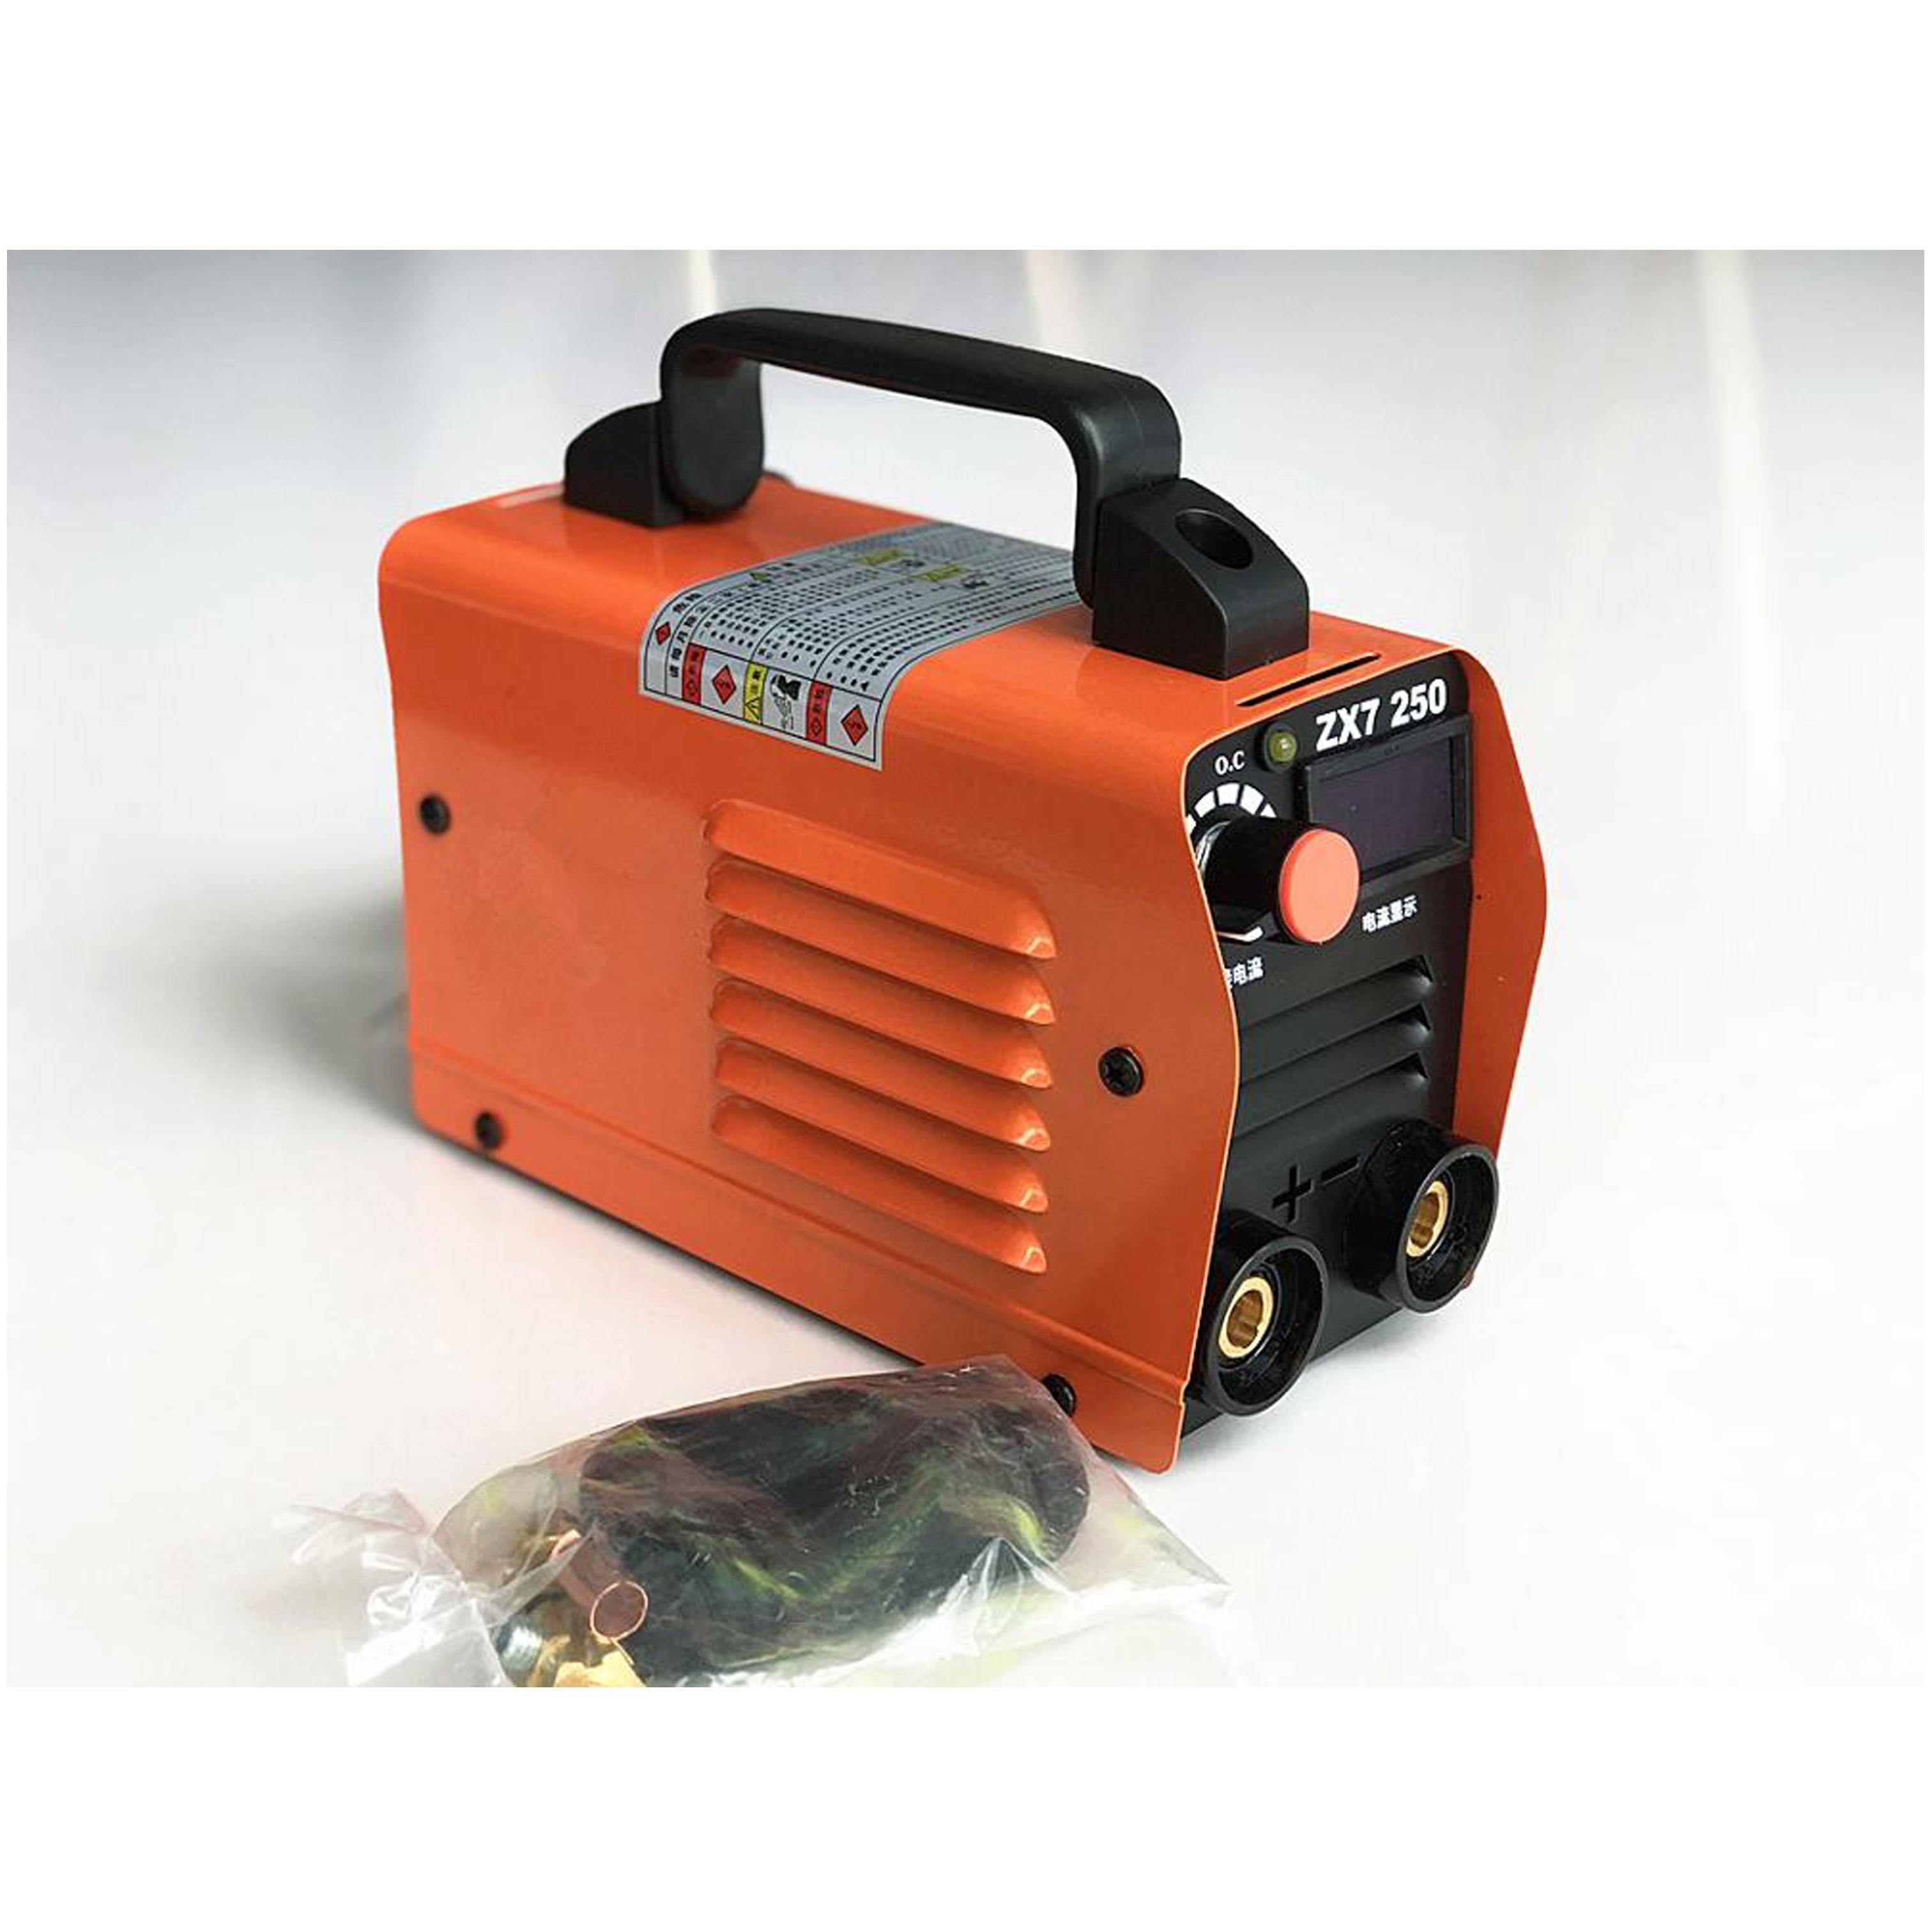 RU Lieferung Für freies 250A 110-250V Kompakte Mini MMA Schweißer Inverter ARC Schweißen Maschine Stick Schweißer